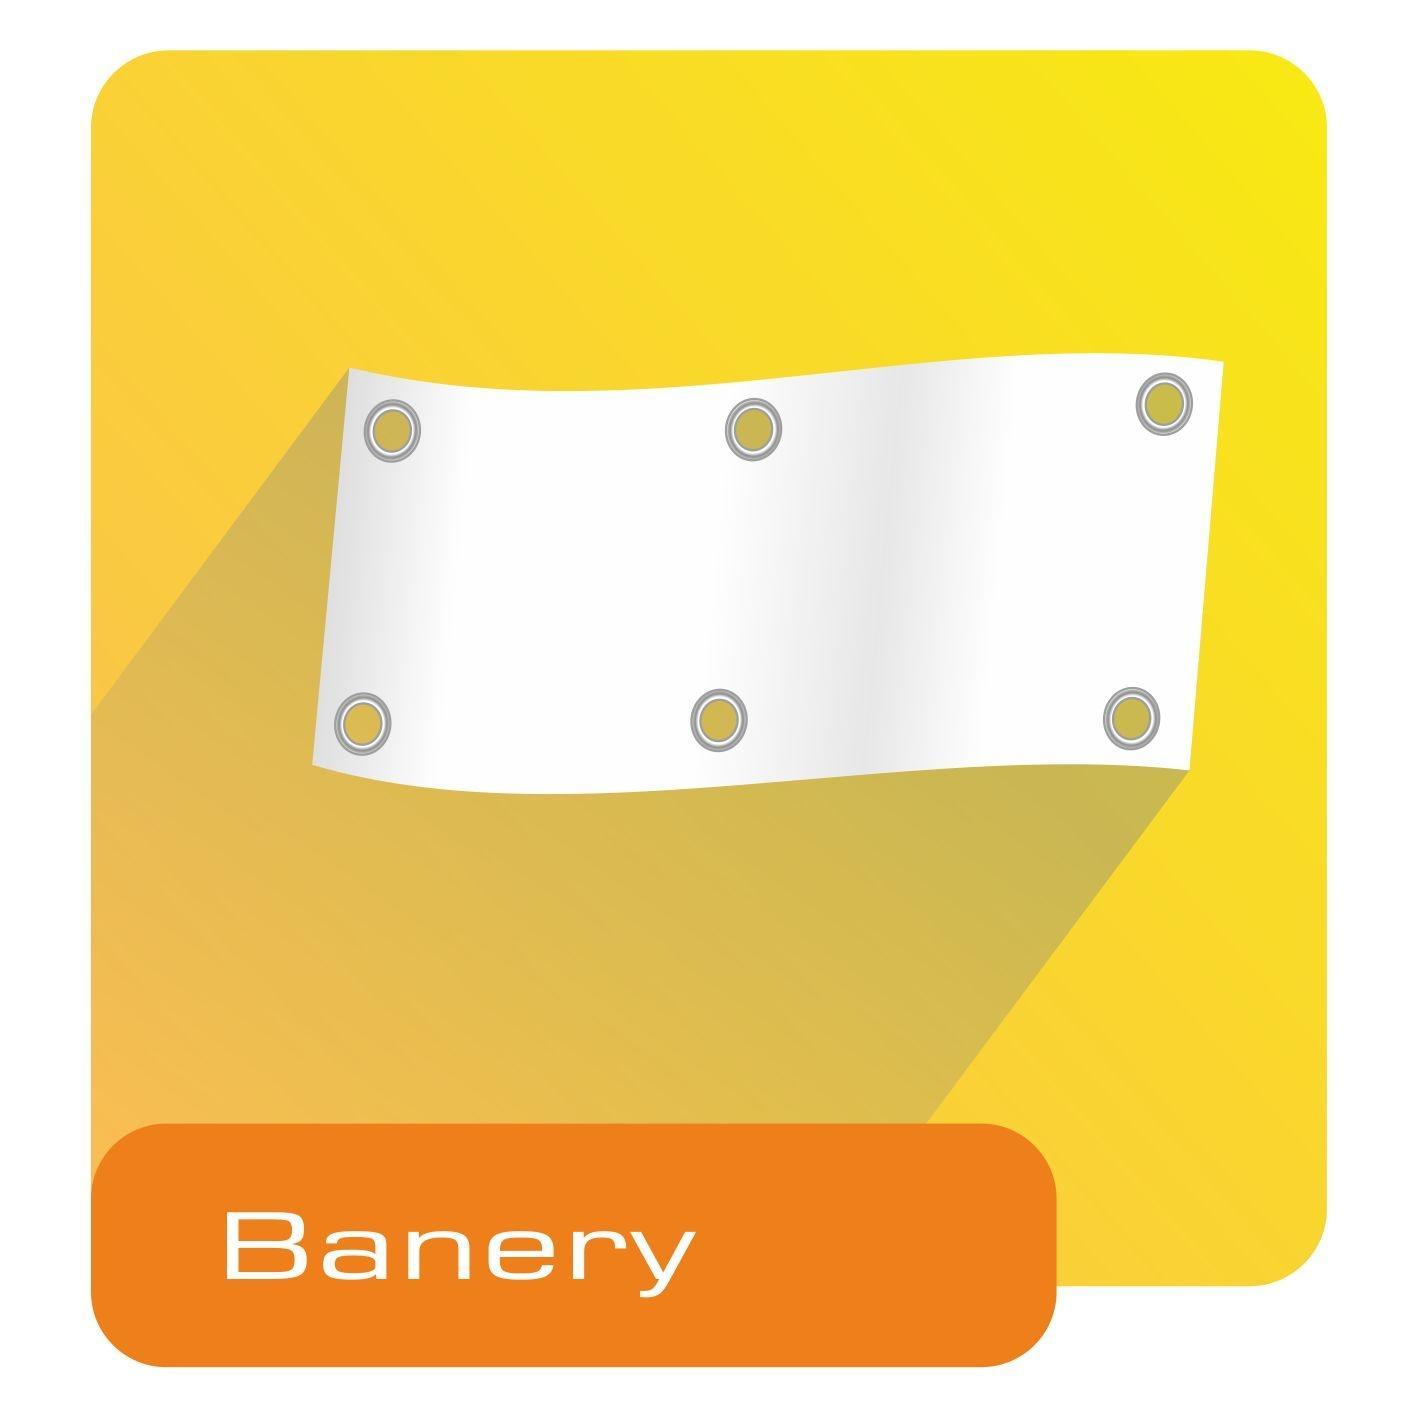 ikona - banery